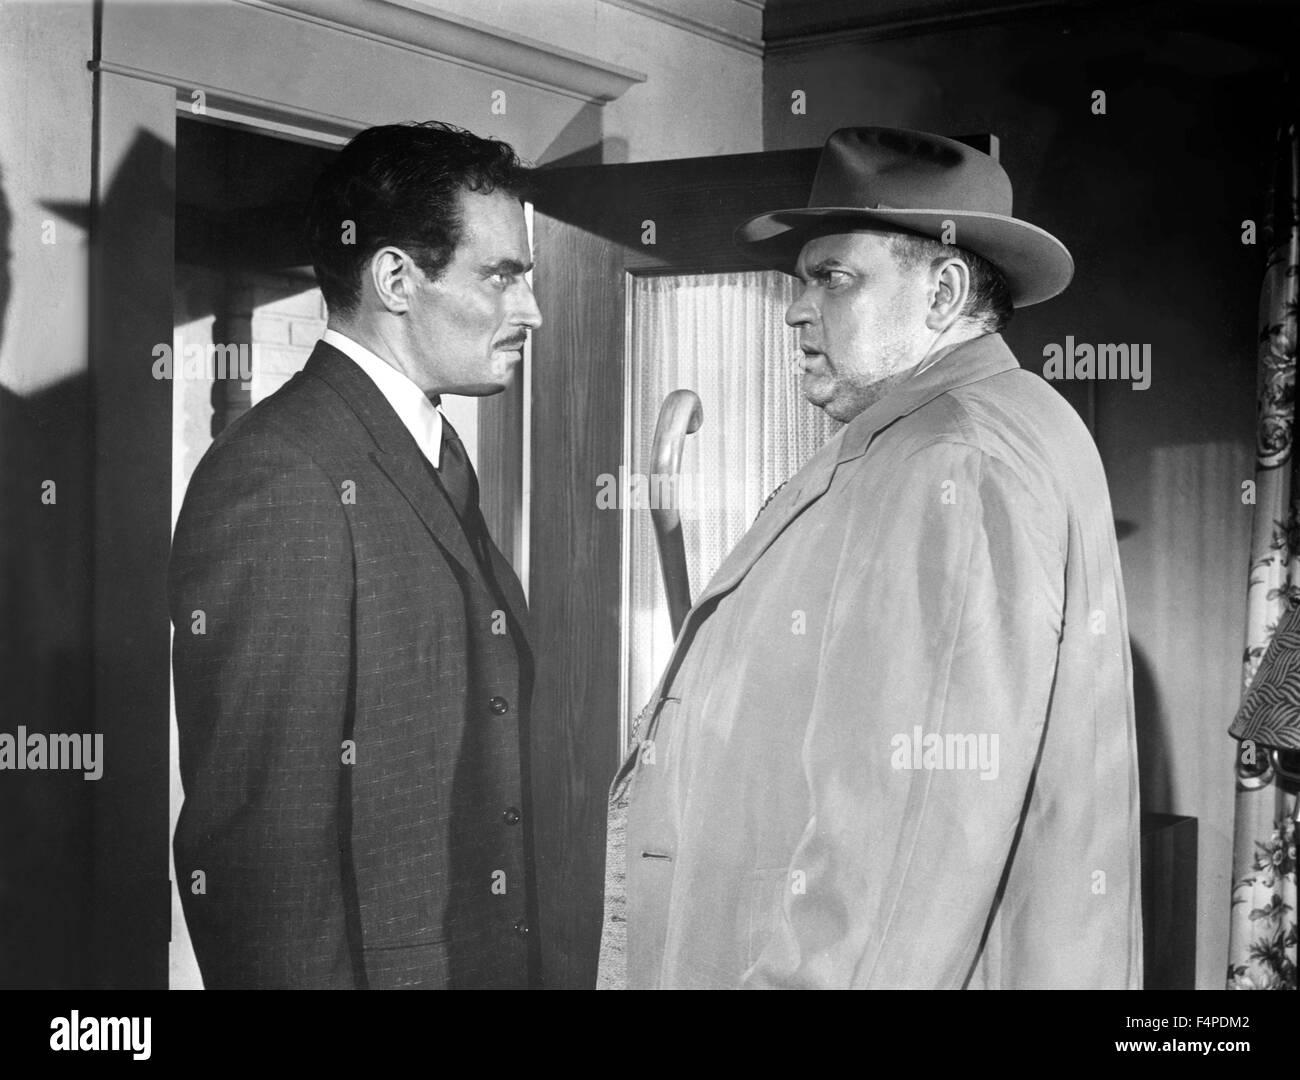 Charlton Heston, Orson Welles / Touch del male 1958 diretto da Orson Welles Immagini Stock